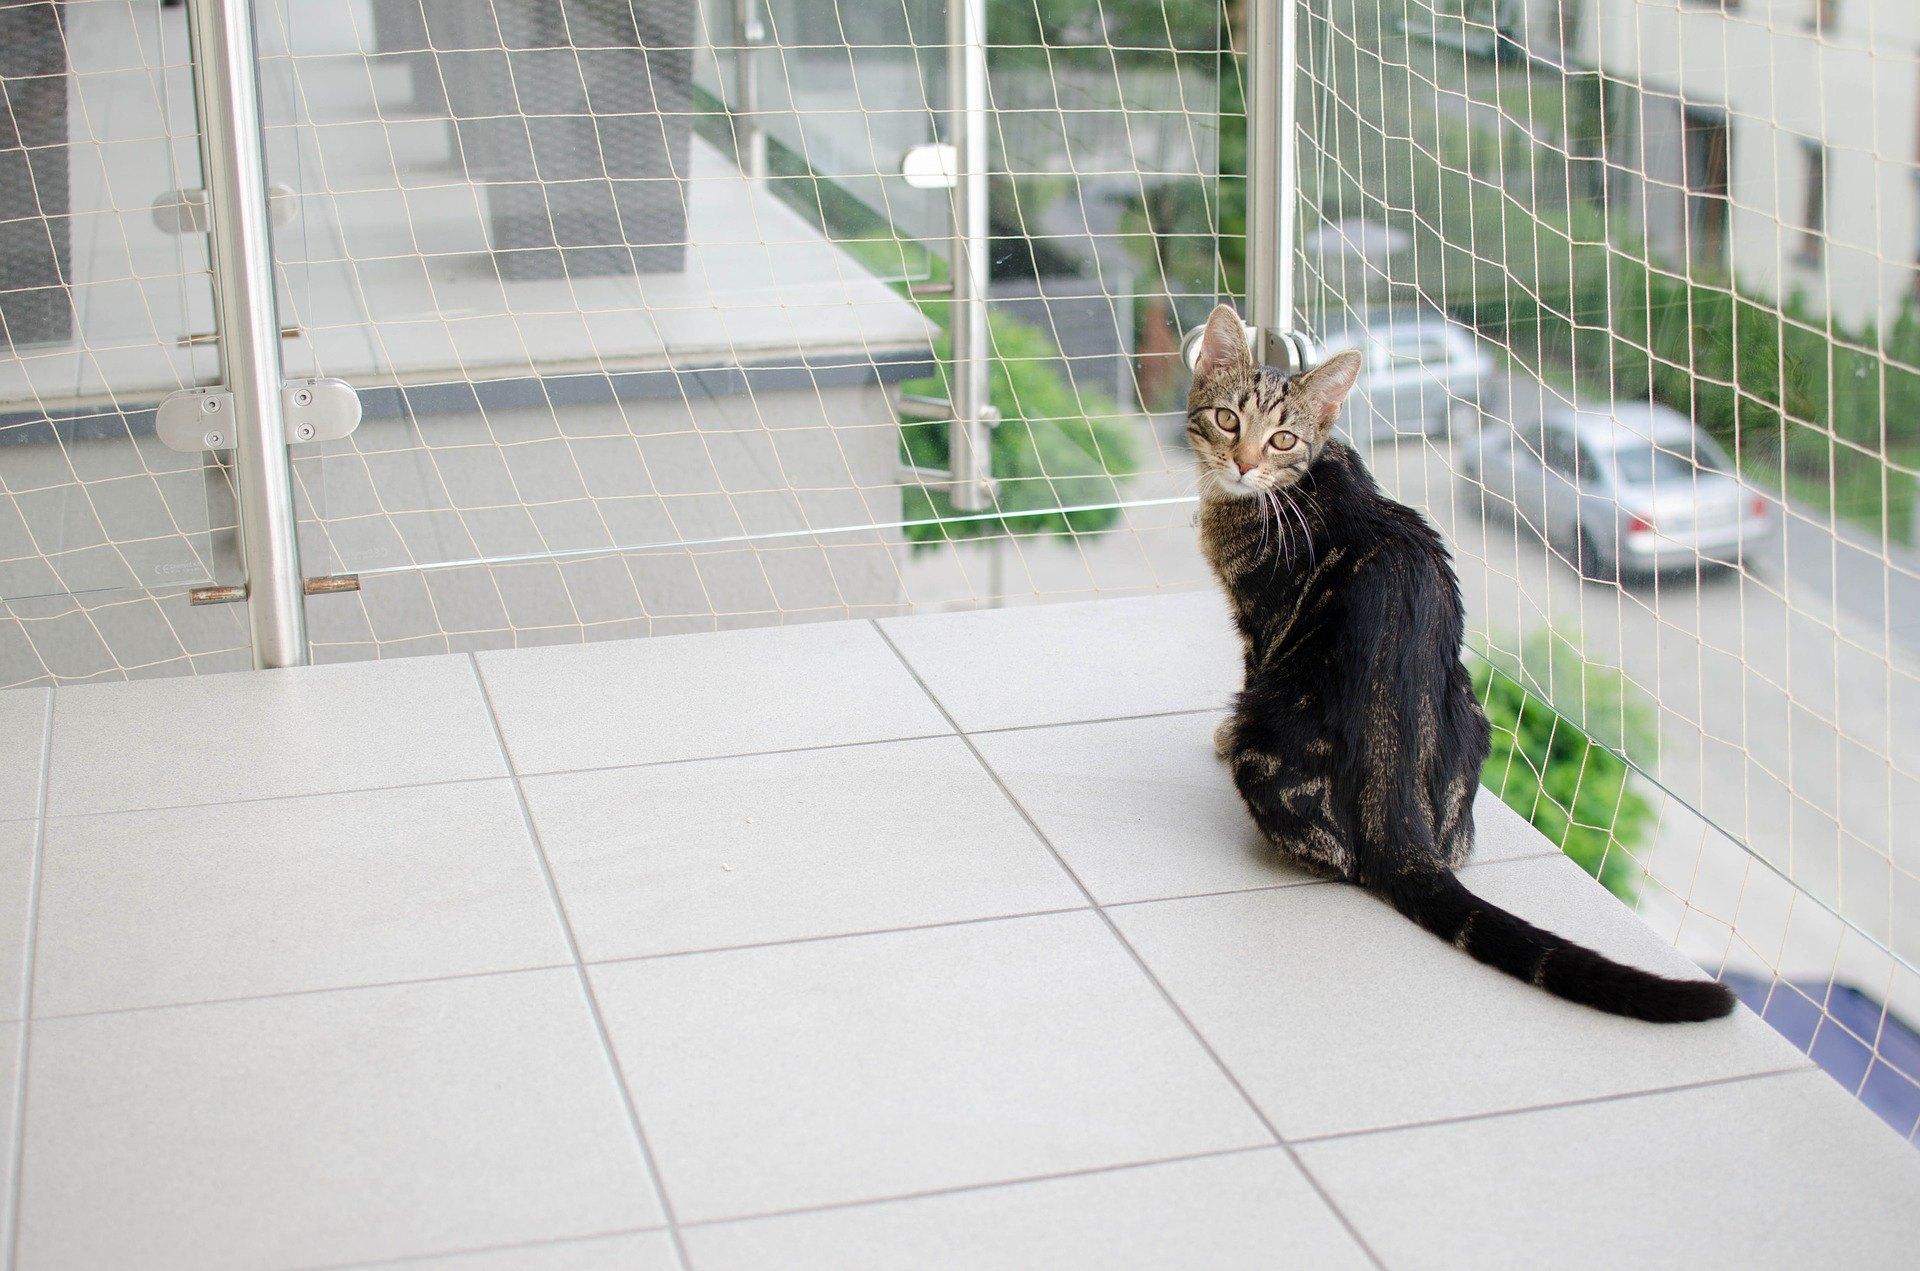 Ein Katzenbalkonnetz ist eine sehr gute Idee, um Ihre Katze vor dem Herausfallen zu schützen. Das Produkt ist in verschiedenen Farben (am häufigsten weiß, oliv, transparent, schwarz), Größen und Maschenweiten erhältlich.